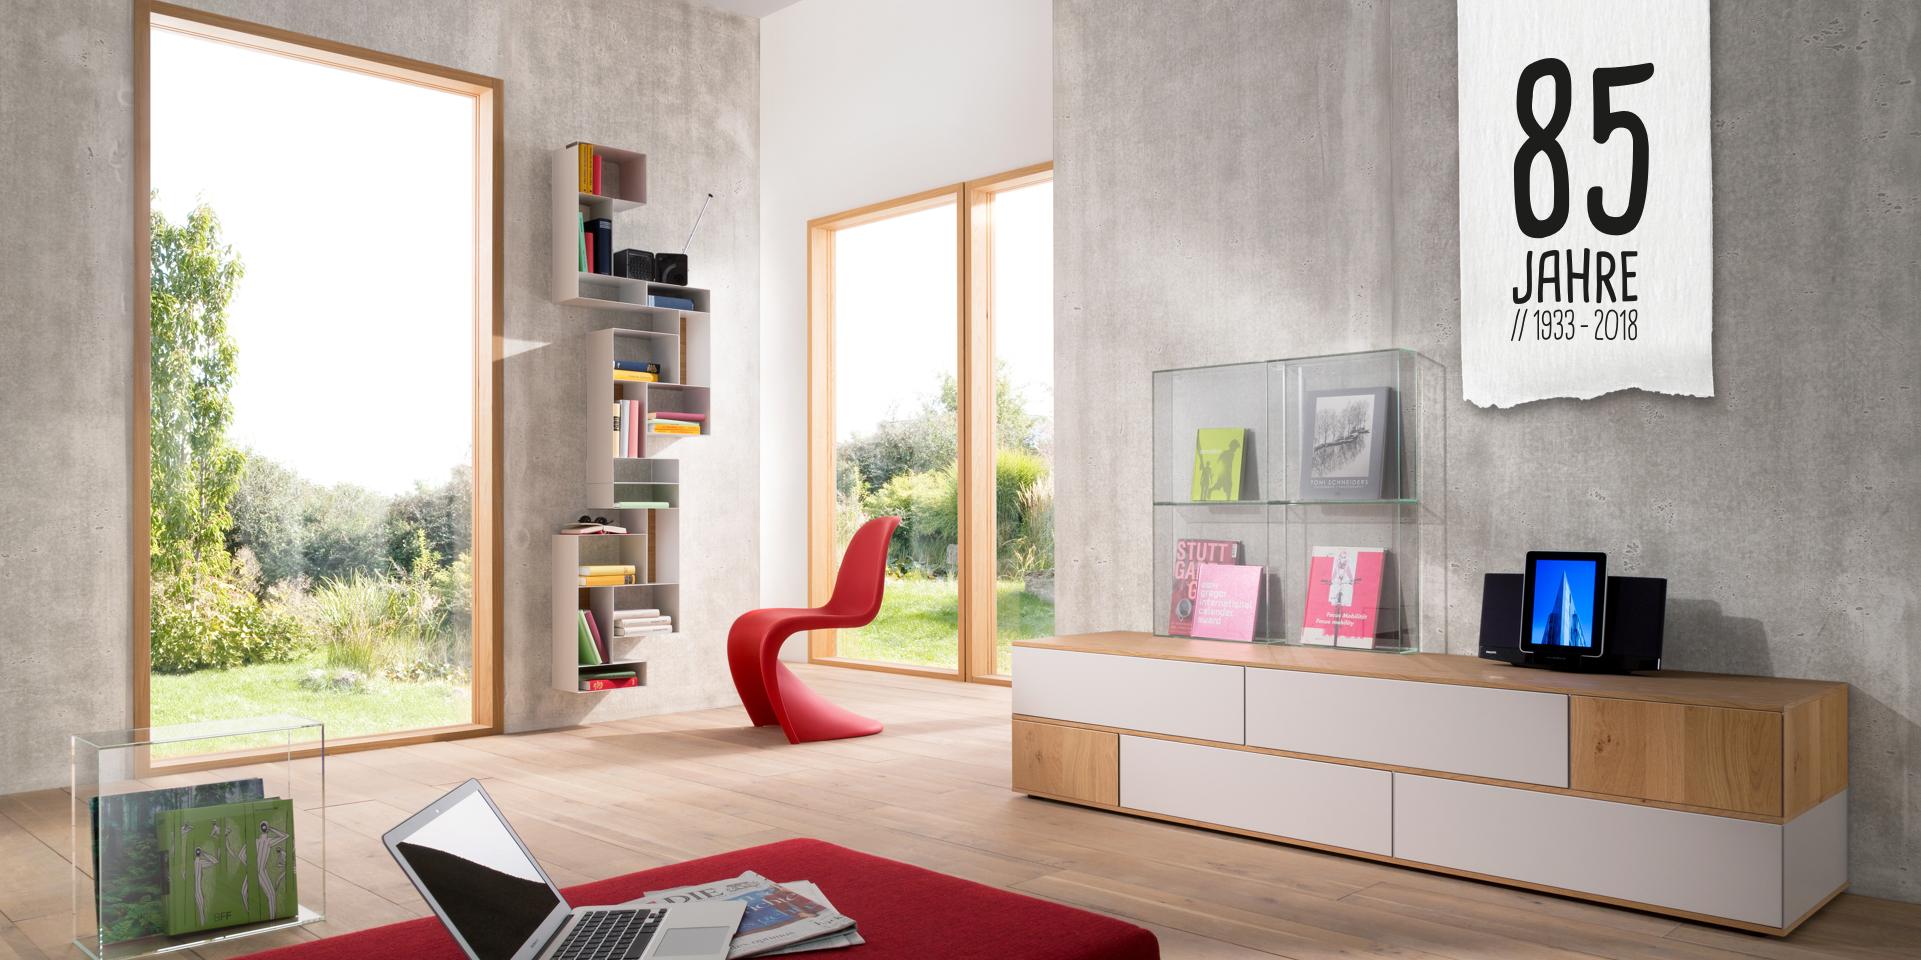 imi-Beton | Wandgestaltung bei Holz-Hauff in Leingarten | 85 Jahre